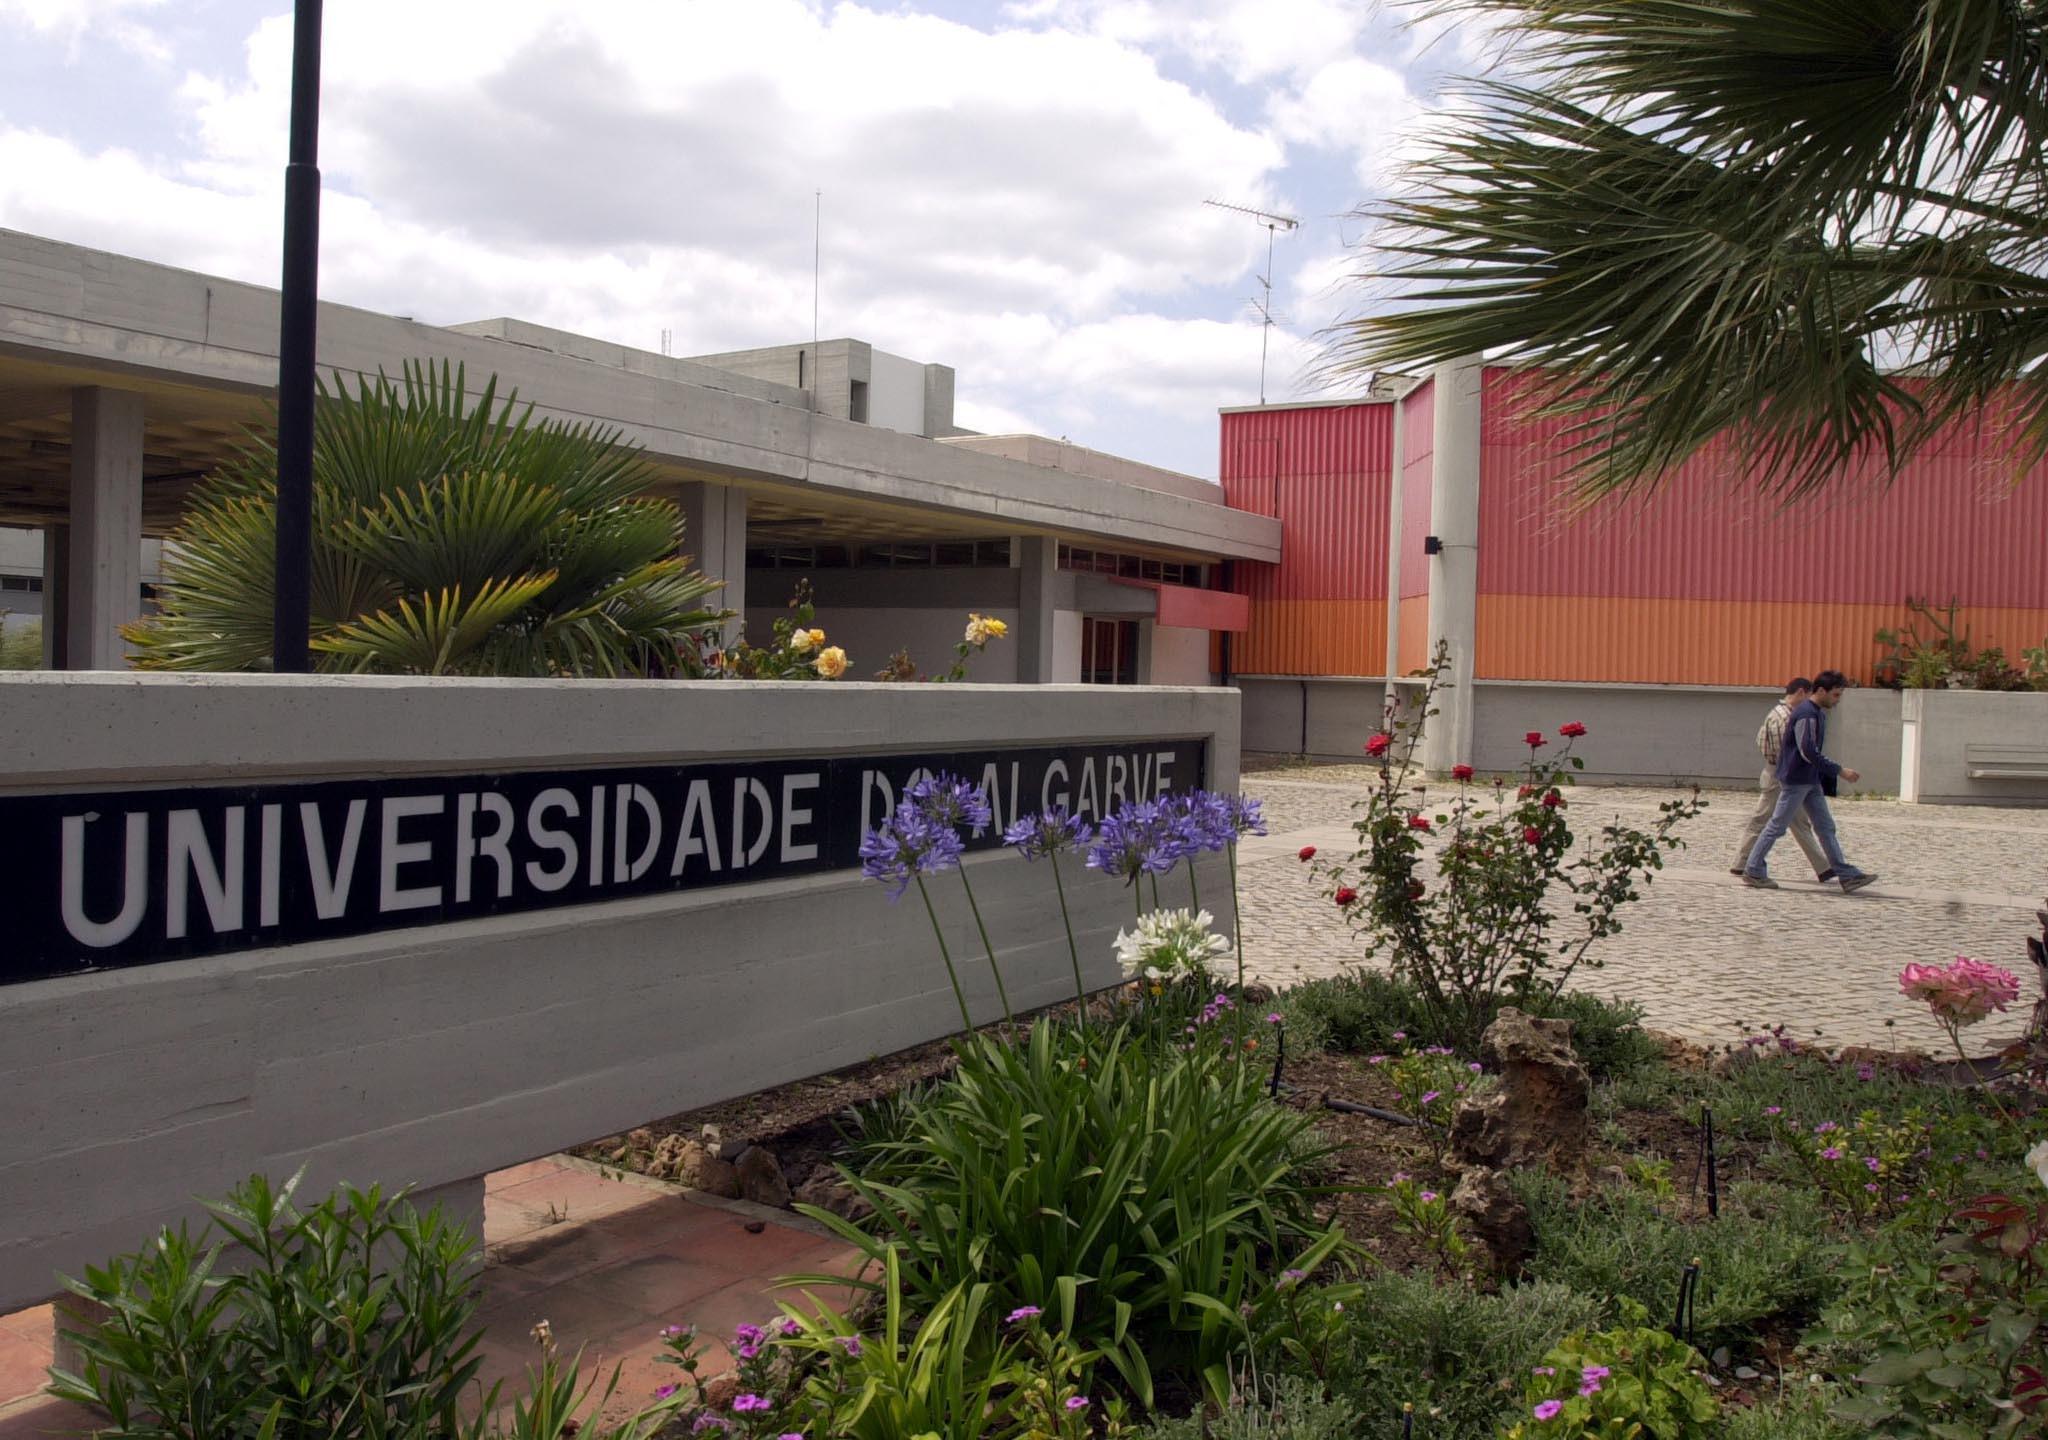 Ameaça de bomba na Universidade do Algarve. Campus da Penha evacuado